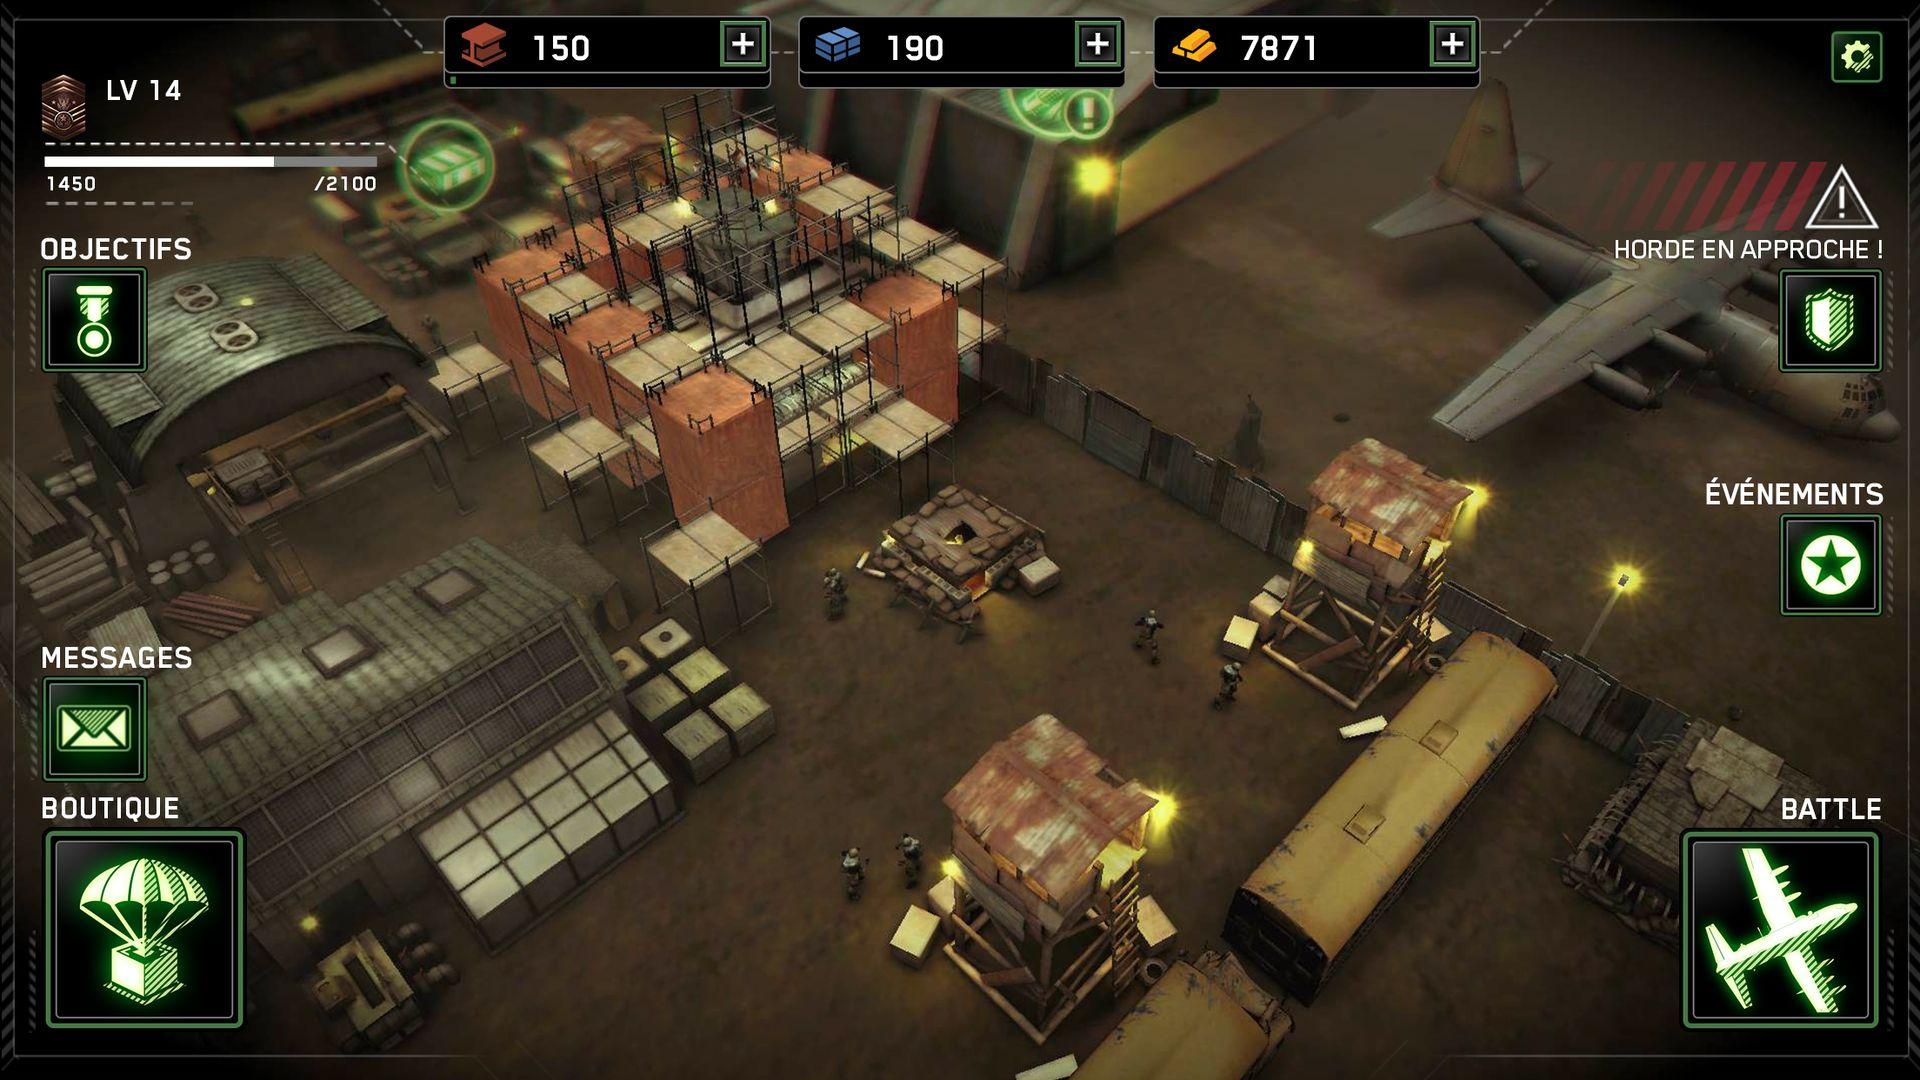 zombie-gunship-survival-image-1